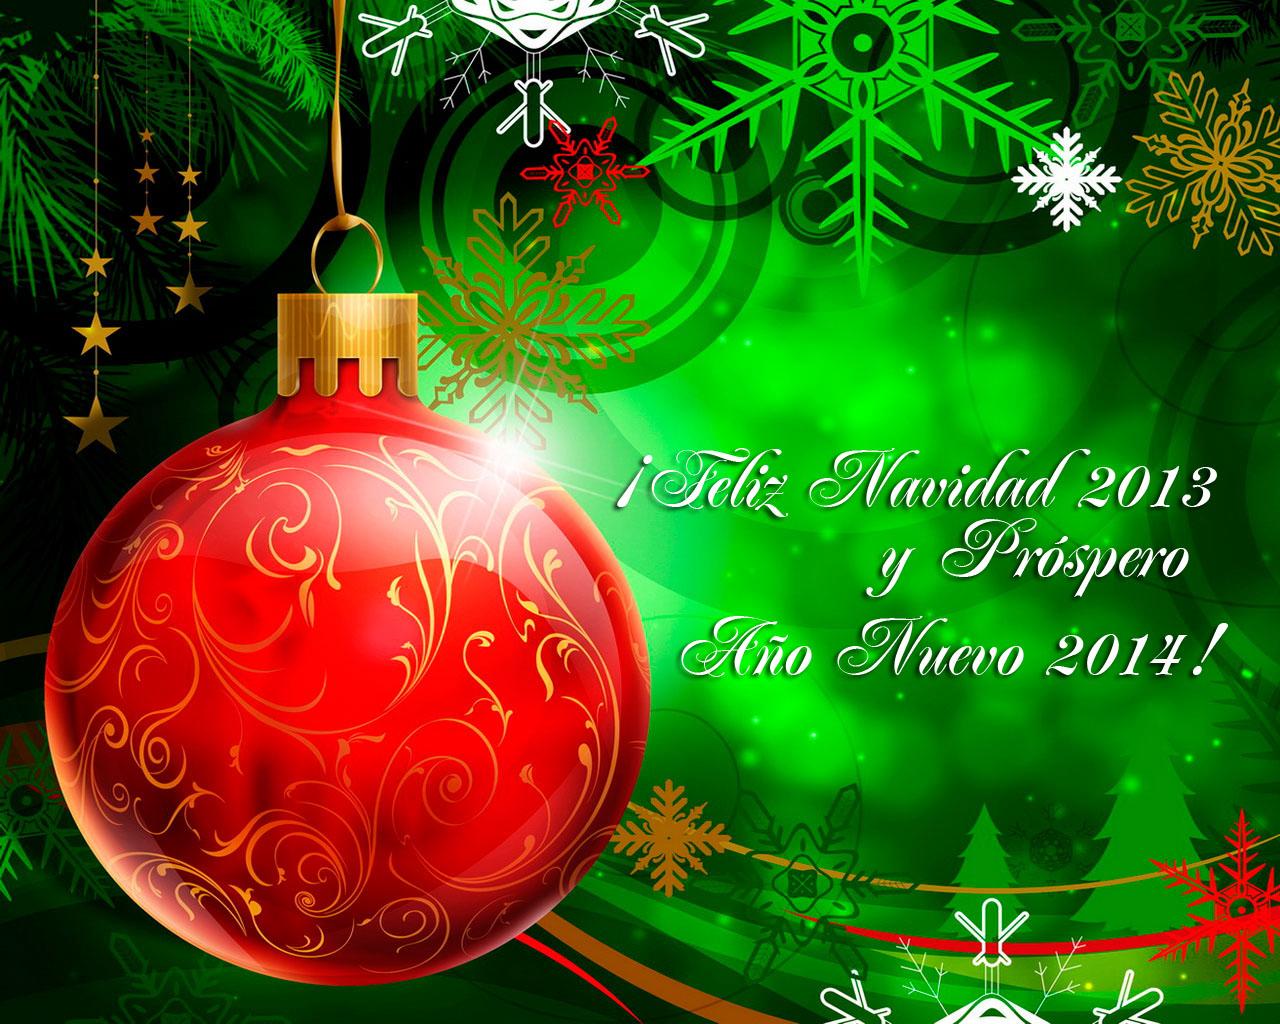 FELICES FIESTAS Felicitacion-Navidad-2013-2014